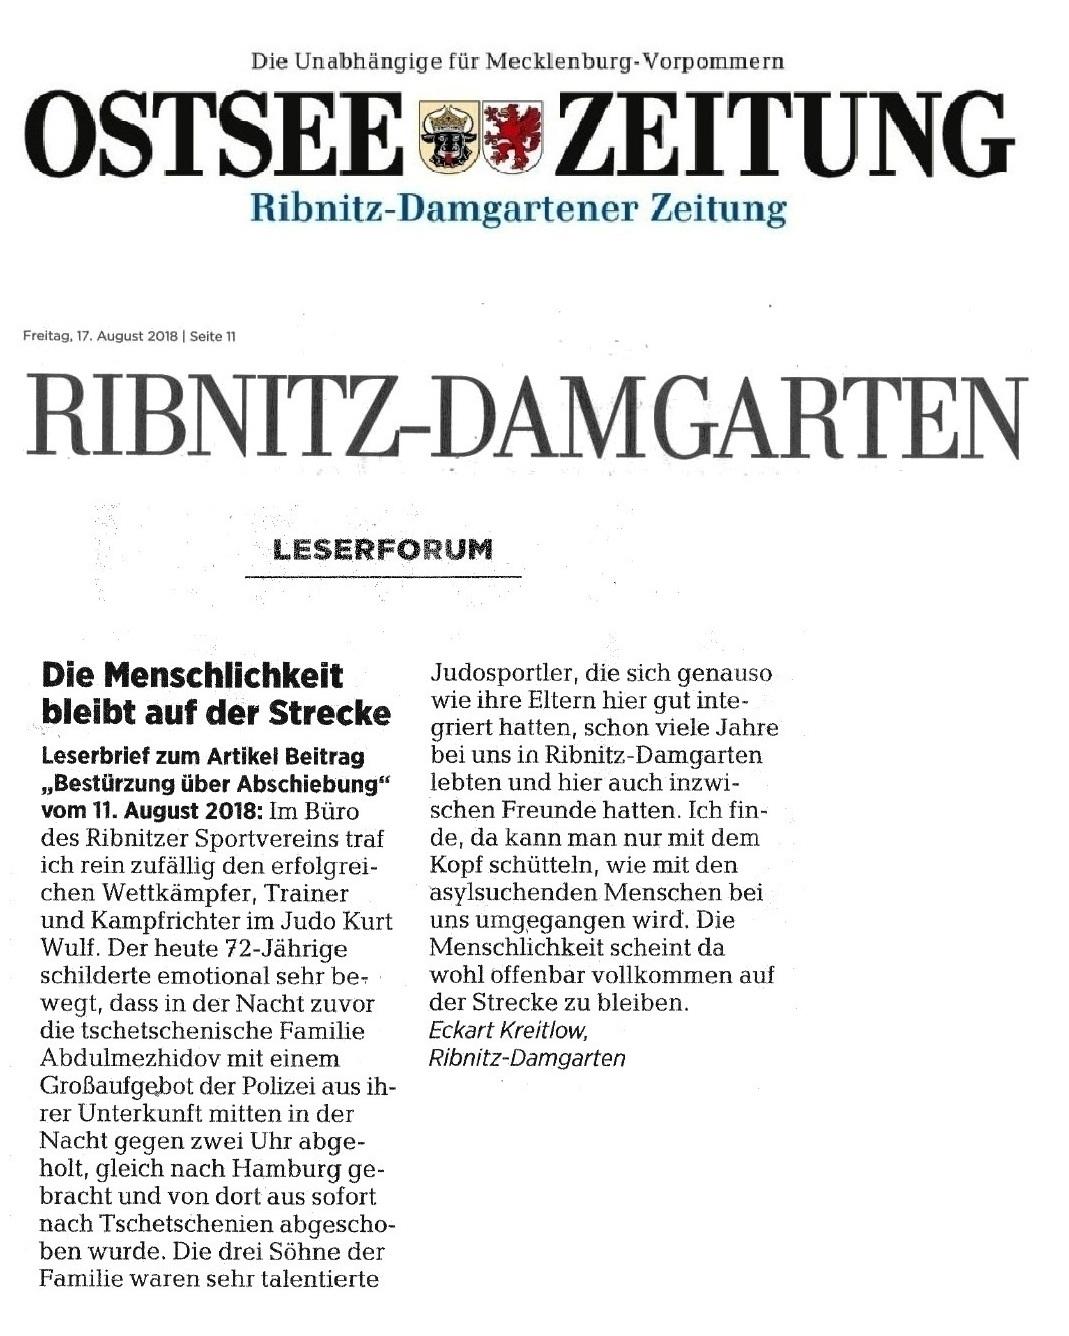 OZ-Leserbrief von Eckart Kreitlow - Die Menschlichkeit bleibt auf der Strecke - veröffentlicht in der Ribnitz-Damgartener Ausgabe Freitag, 17. August 2018 auf Seite 11 unter Leserforum